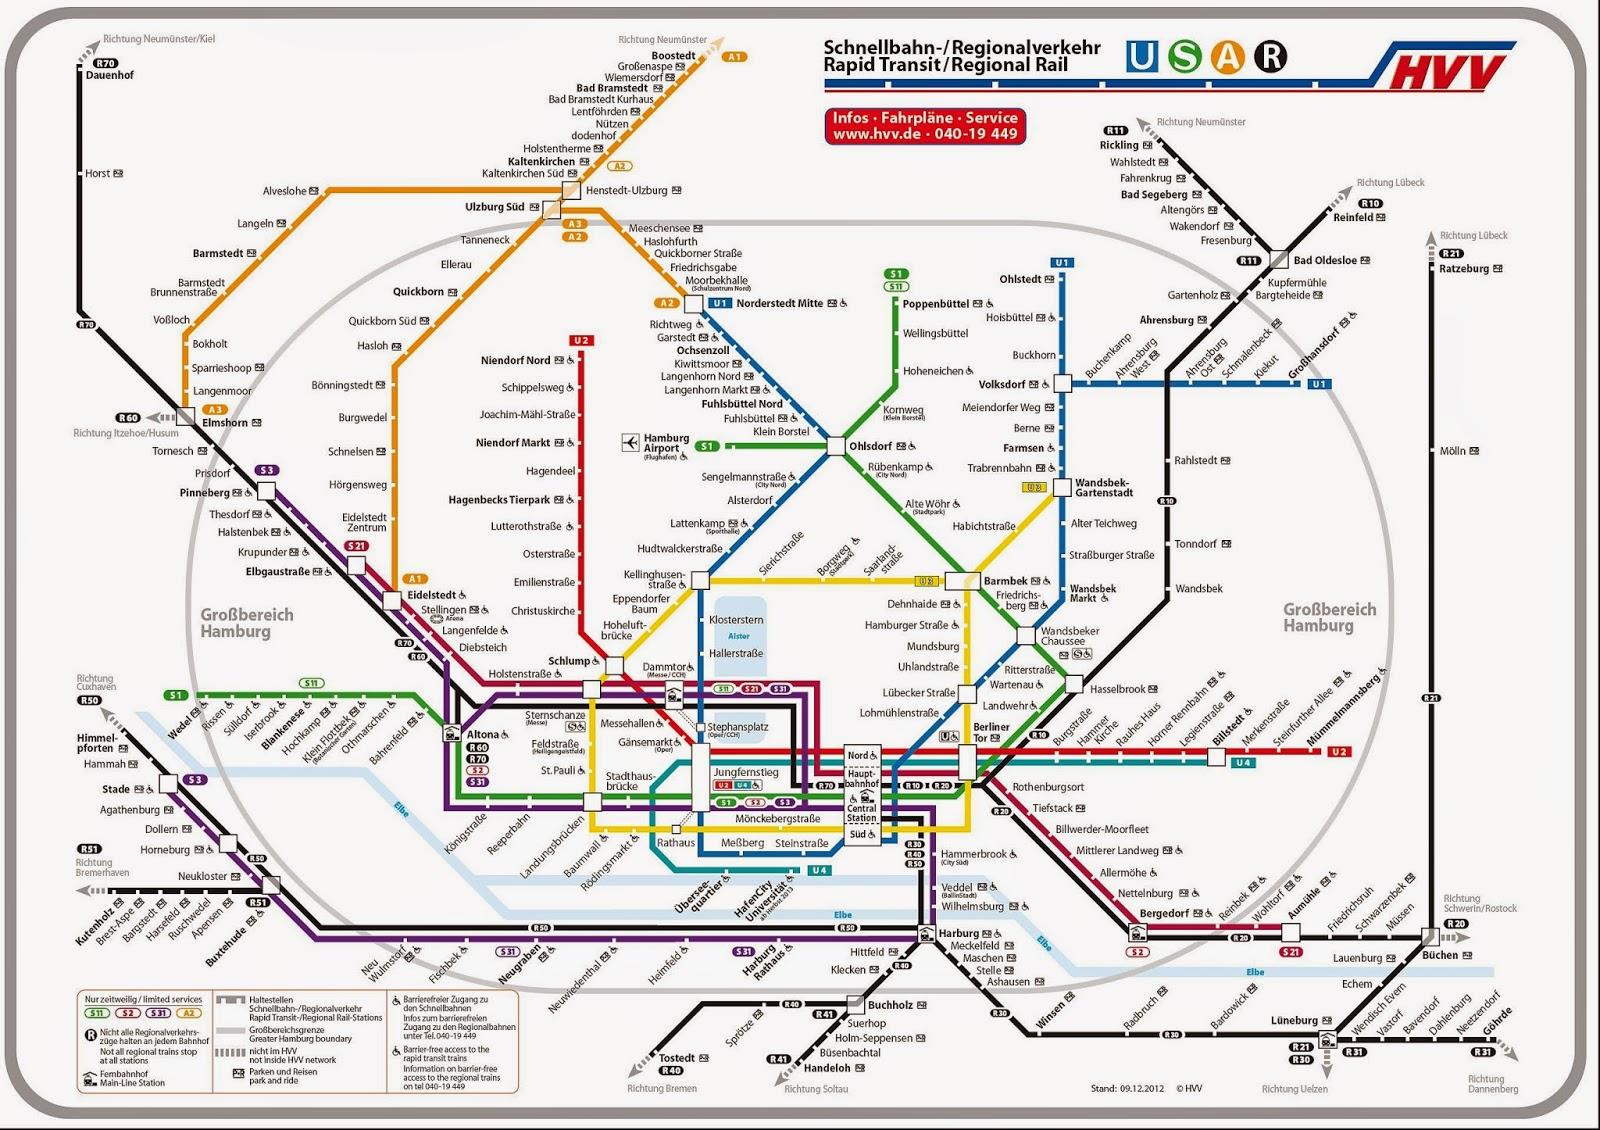 Netzplan öffentlicher Nahverkehr Hamburg